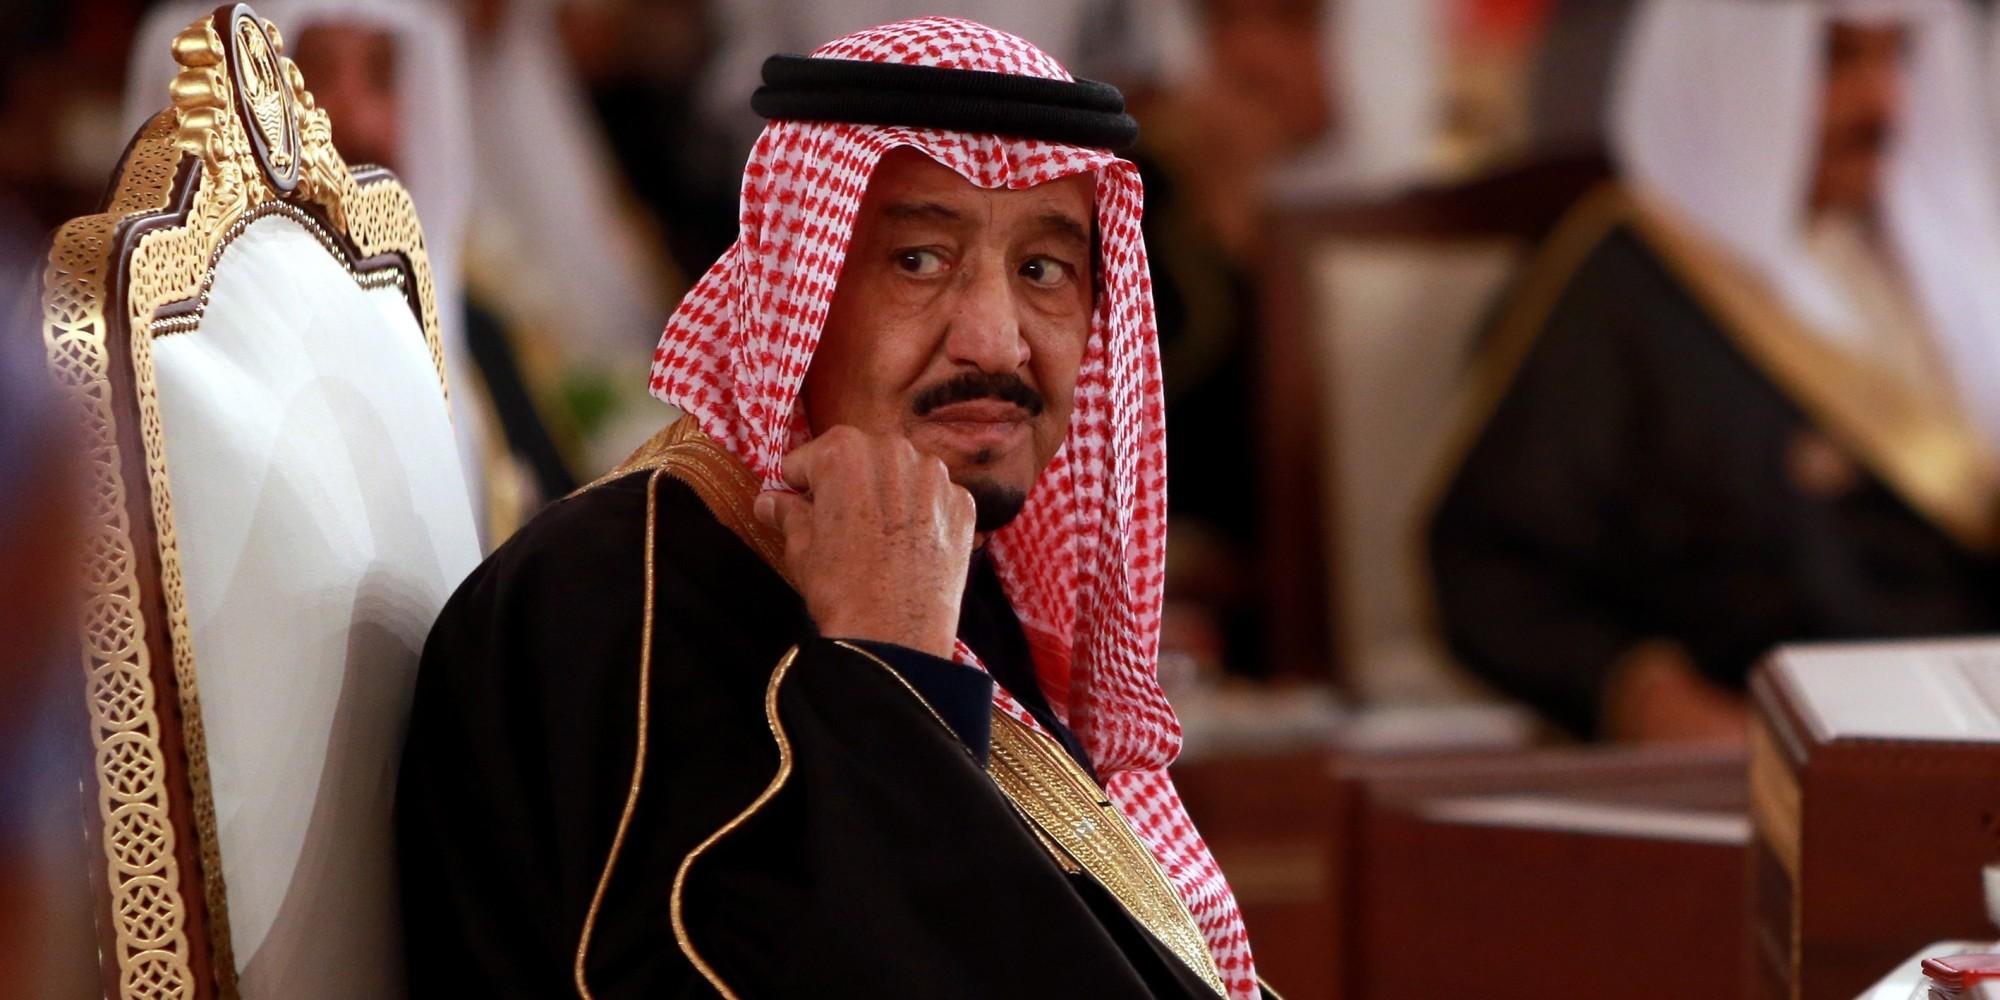 الملك سلمان يصدر عفوا عن العسكريين السعوديين في اليمن من العقوبات